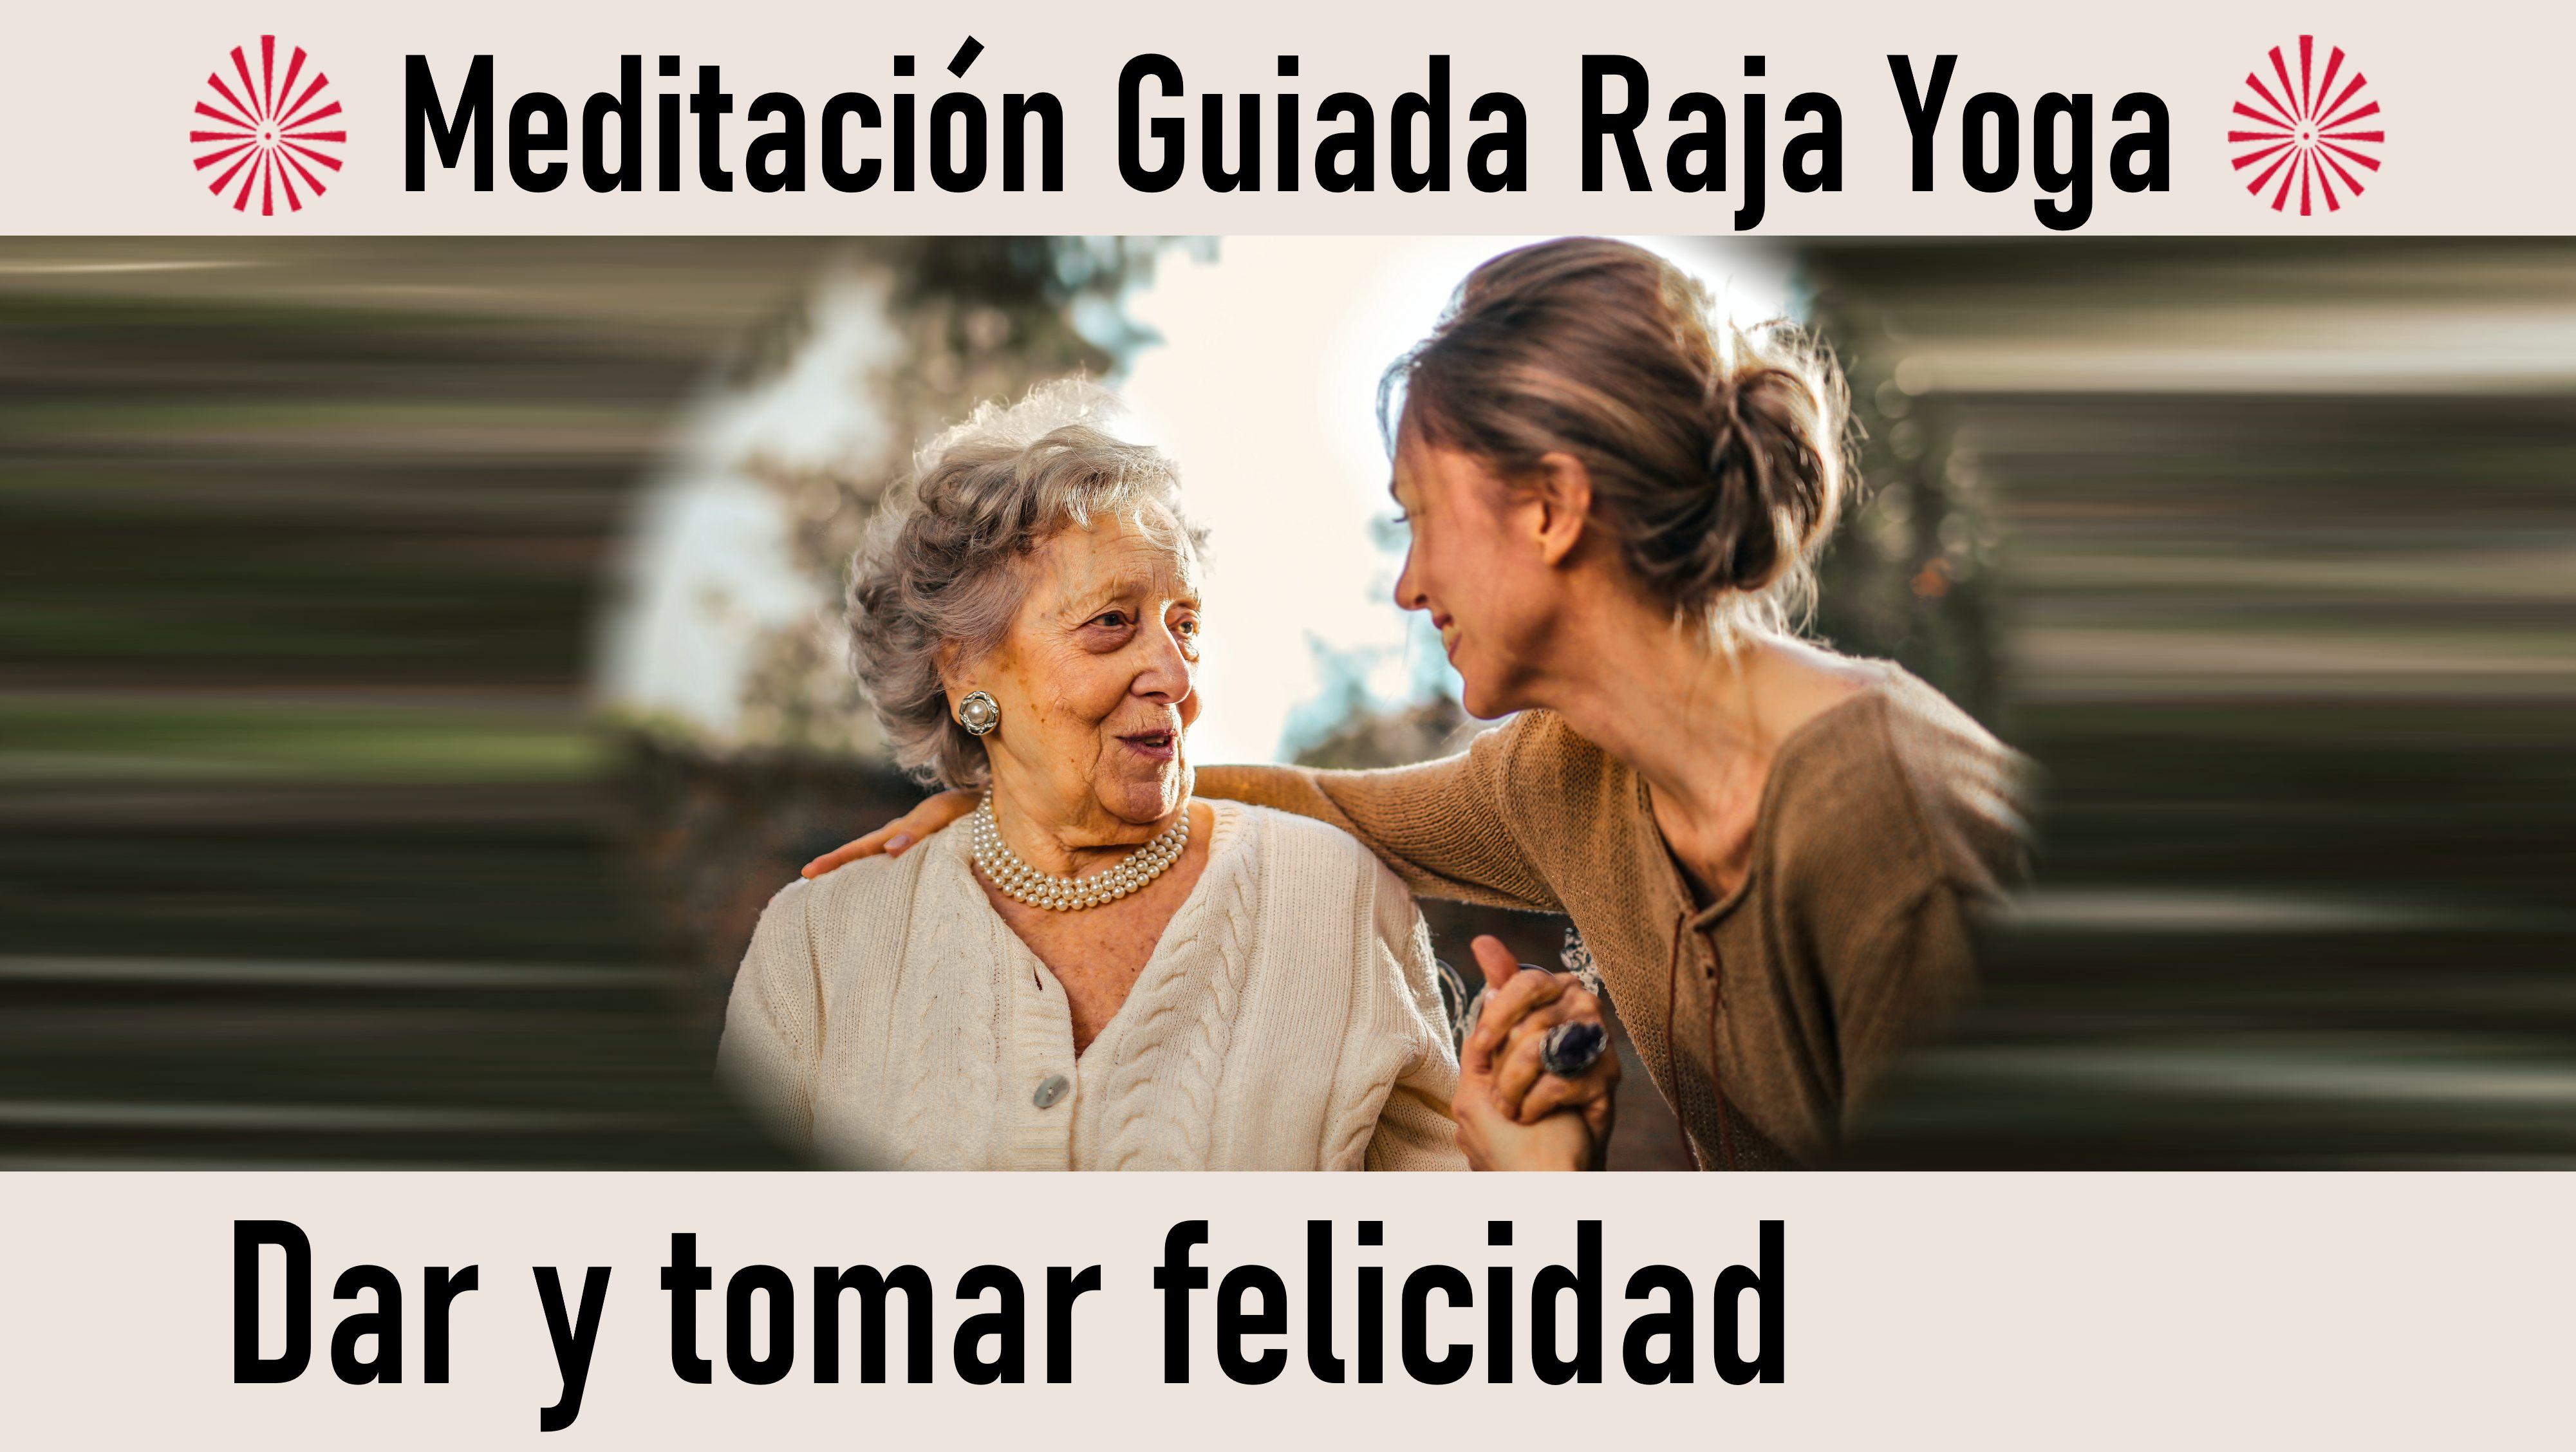 Meditación Raja Yoga: Dar y tomar felicidad (24 Septiembre 2020) On-line desde Madrid